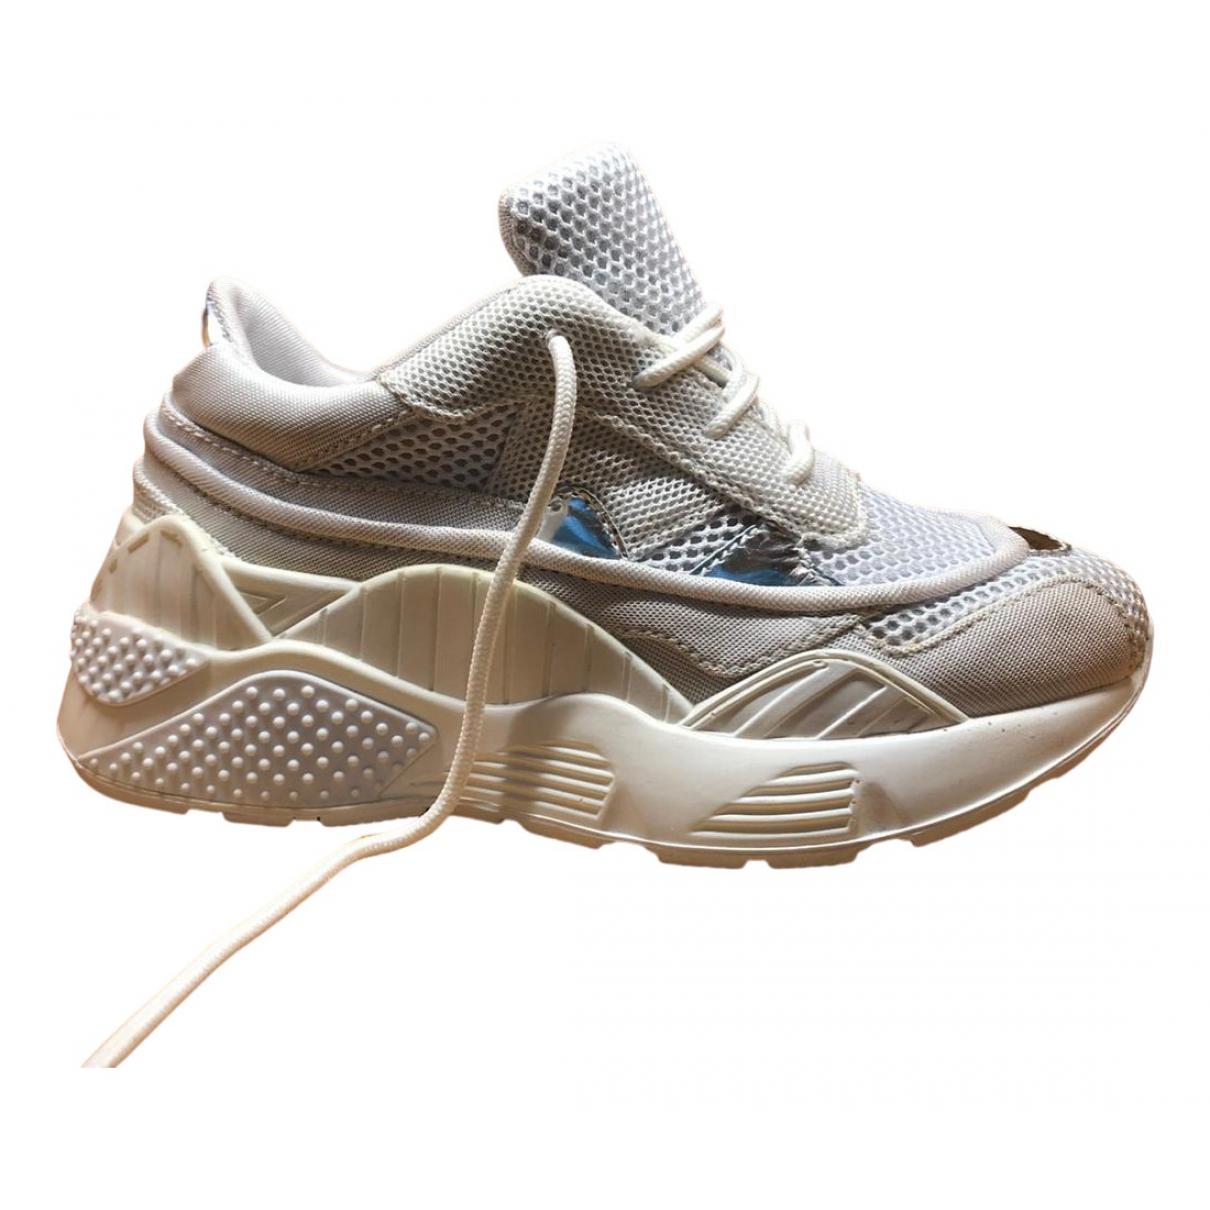 Jeffrey Campbell \N Sneakers in  Weiss Leinen